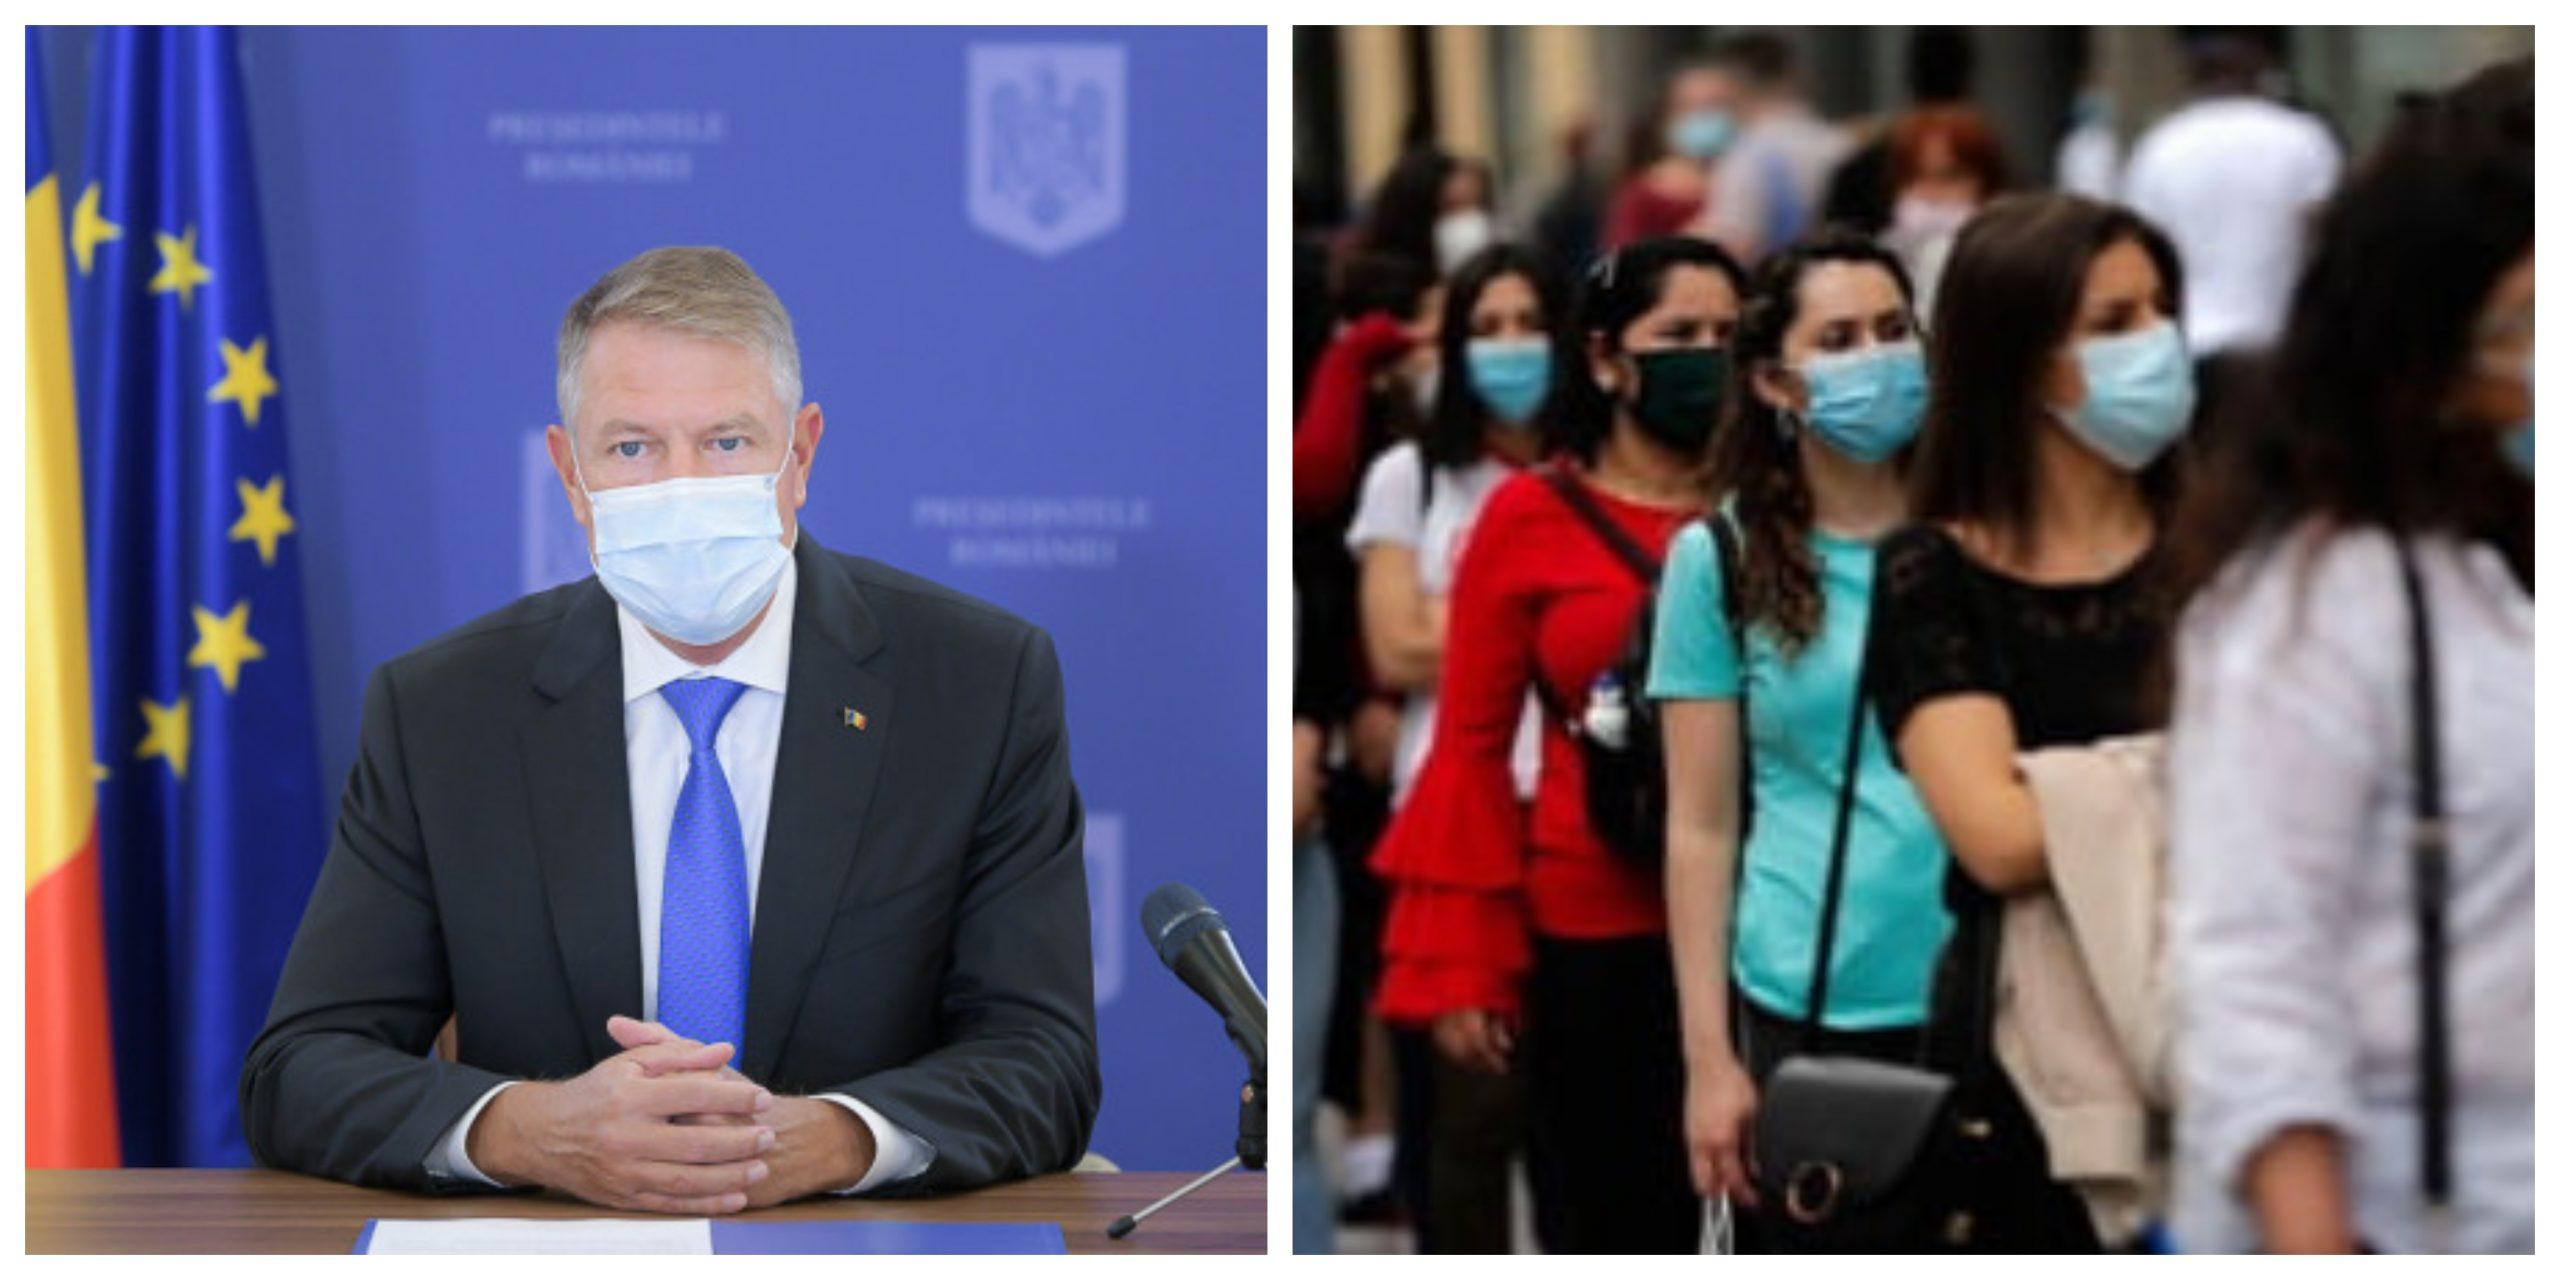 Klaus Iohannis va participa la o nouă conferință de presă. Declarații noi despre evoluția pandemiei România